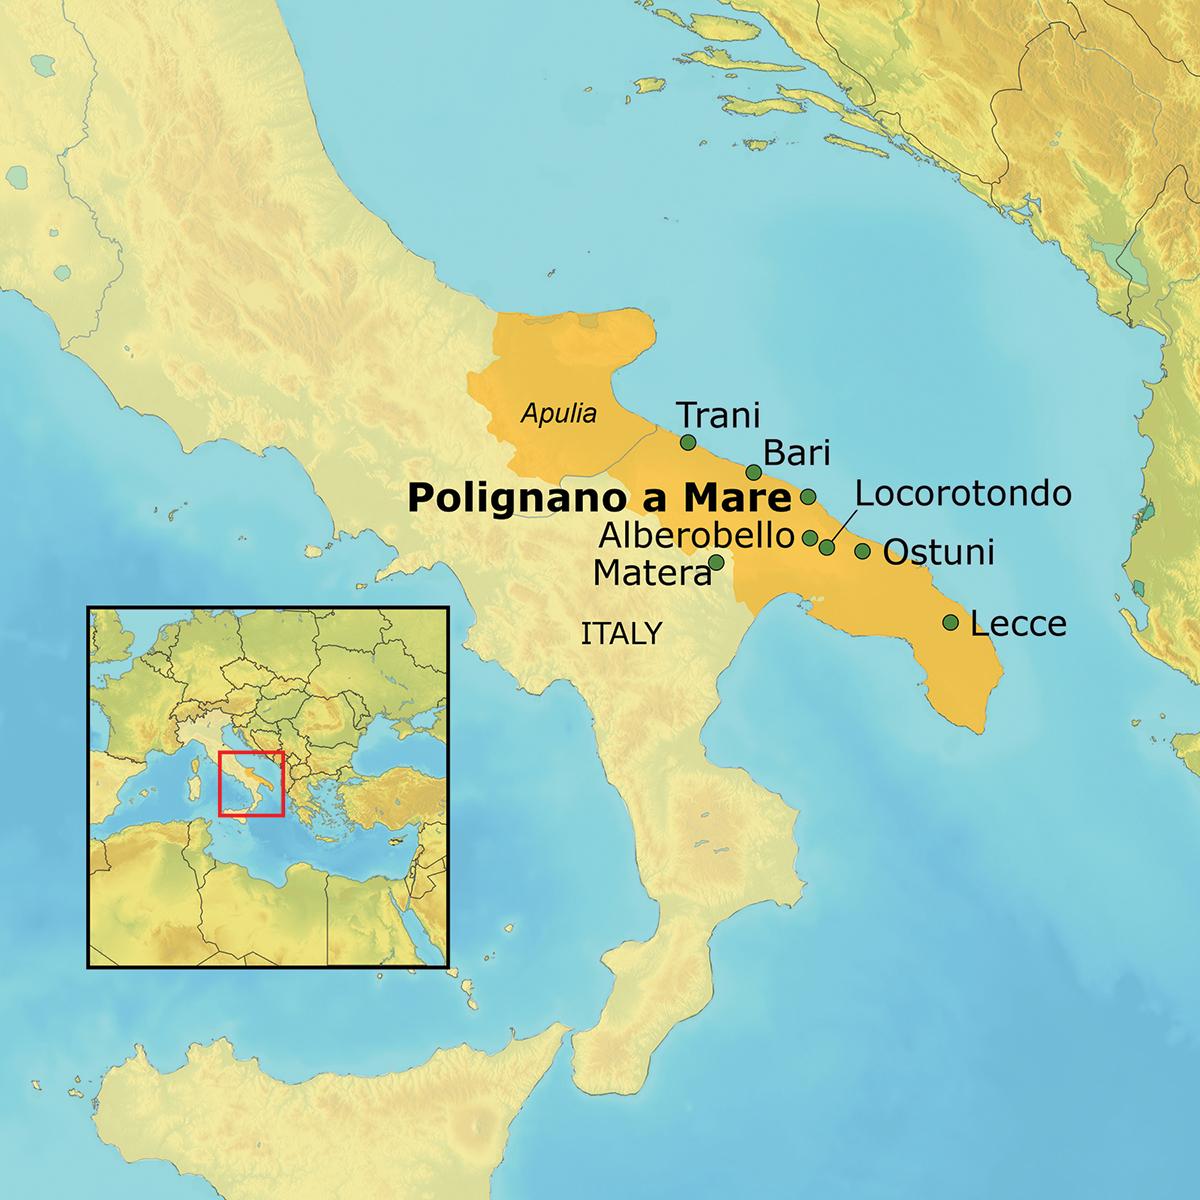 ITAPULIA18_Map